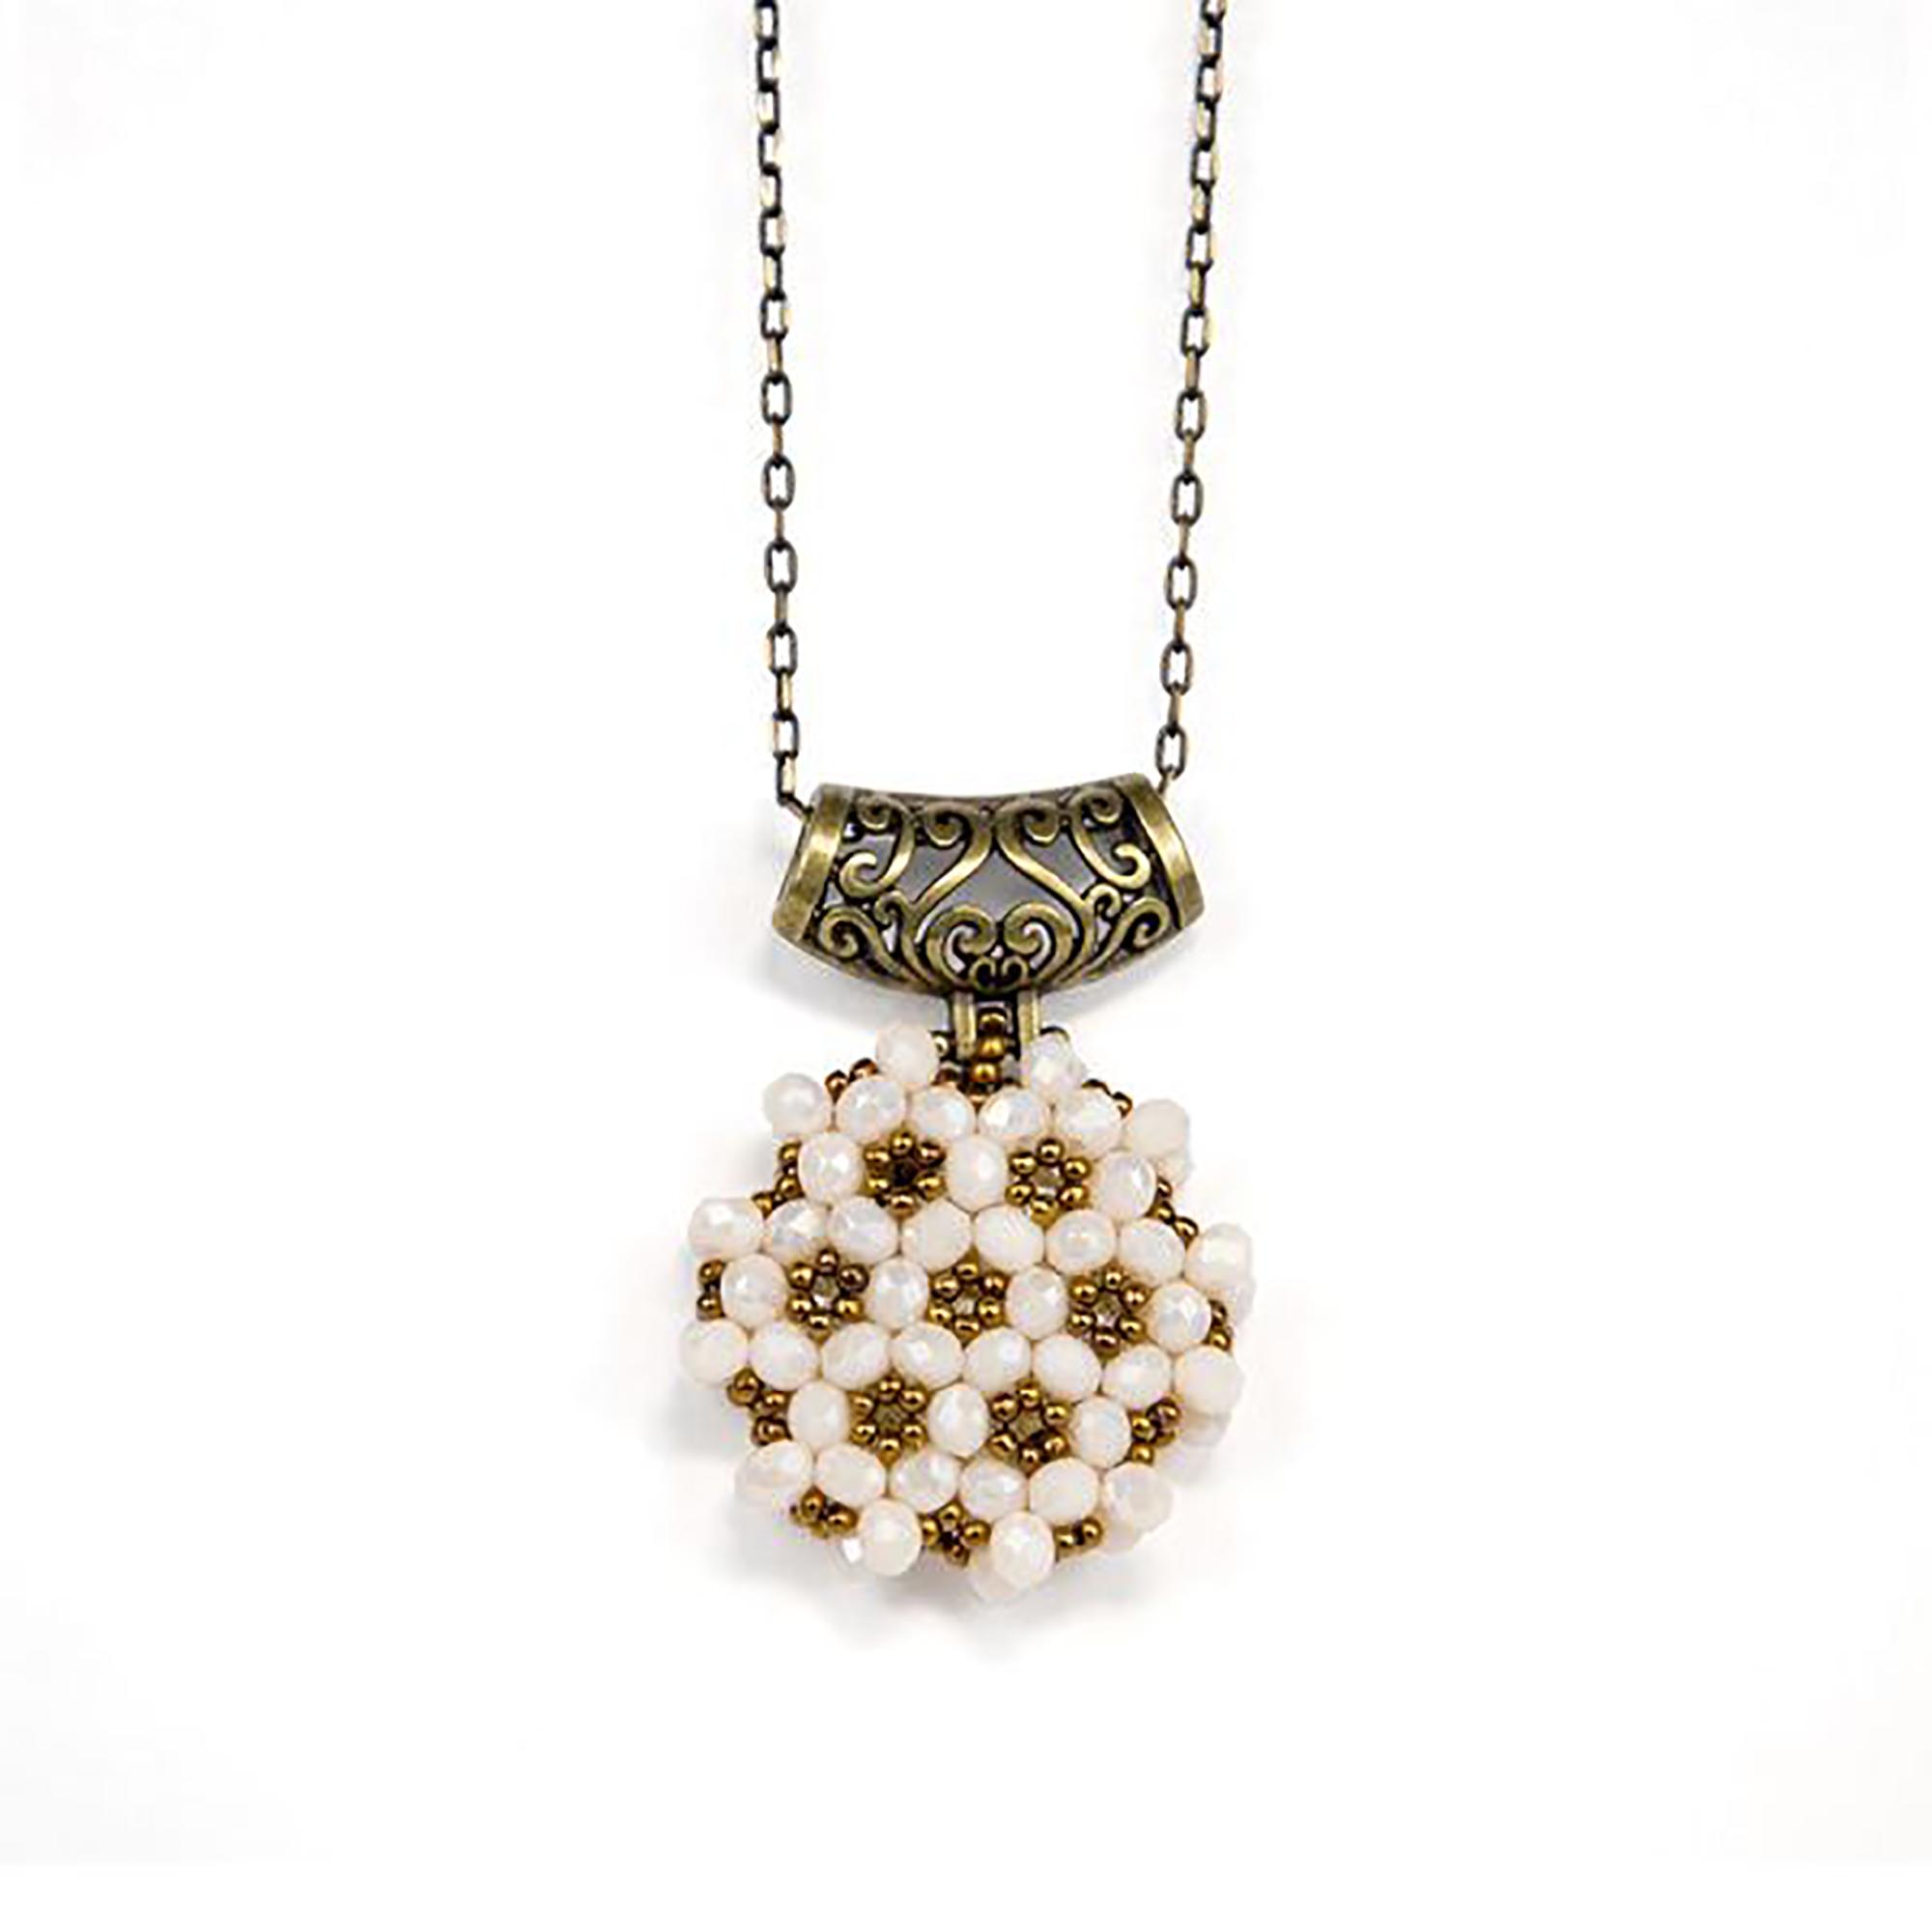 Perlenkette Cevsen (Rund - Weiss)